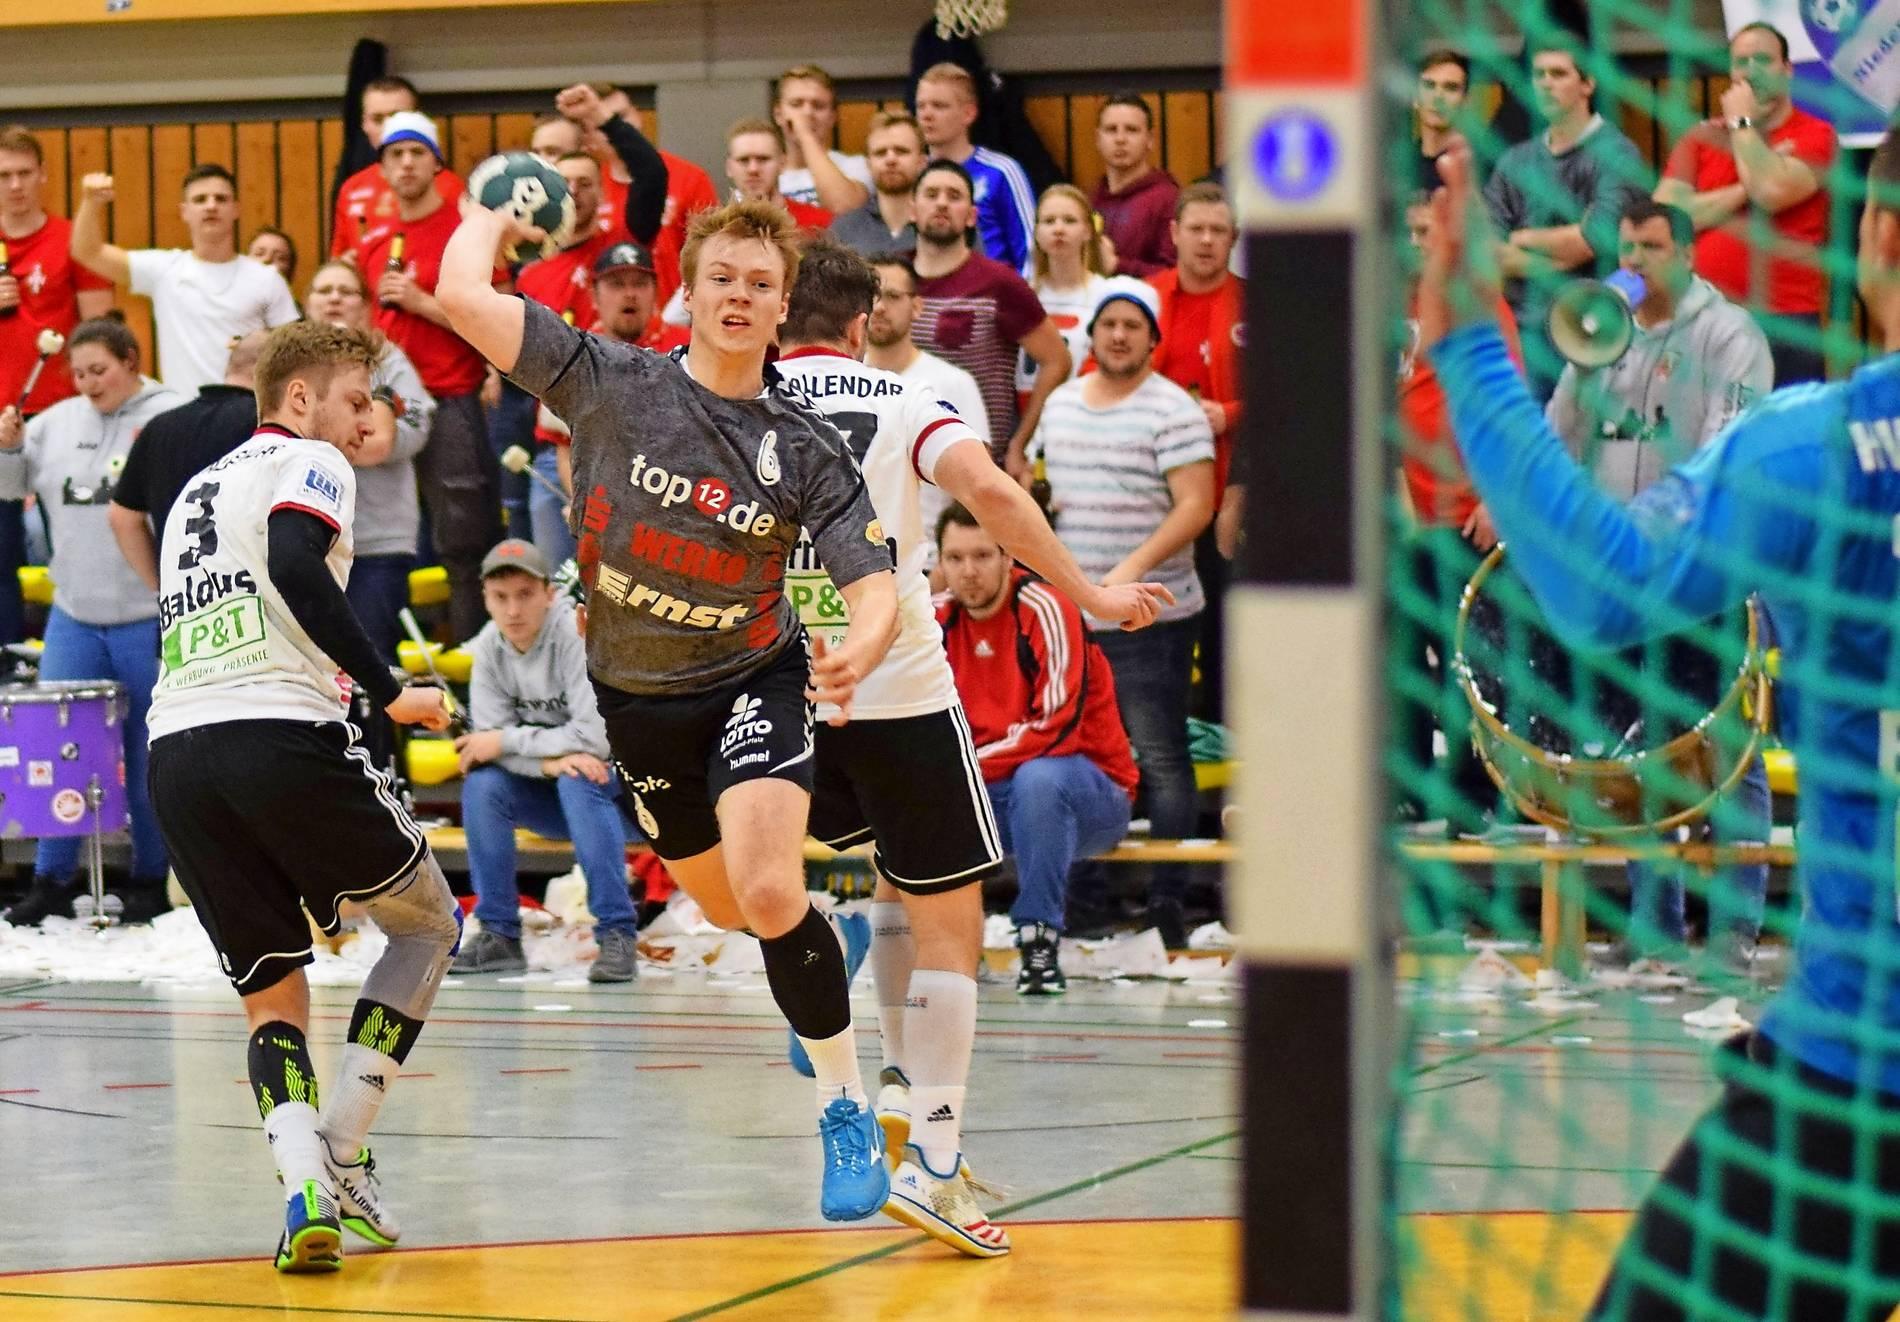 Vallendar Handball